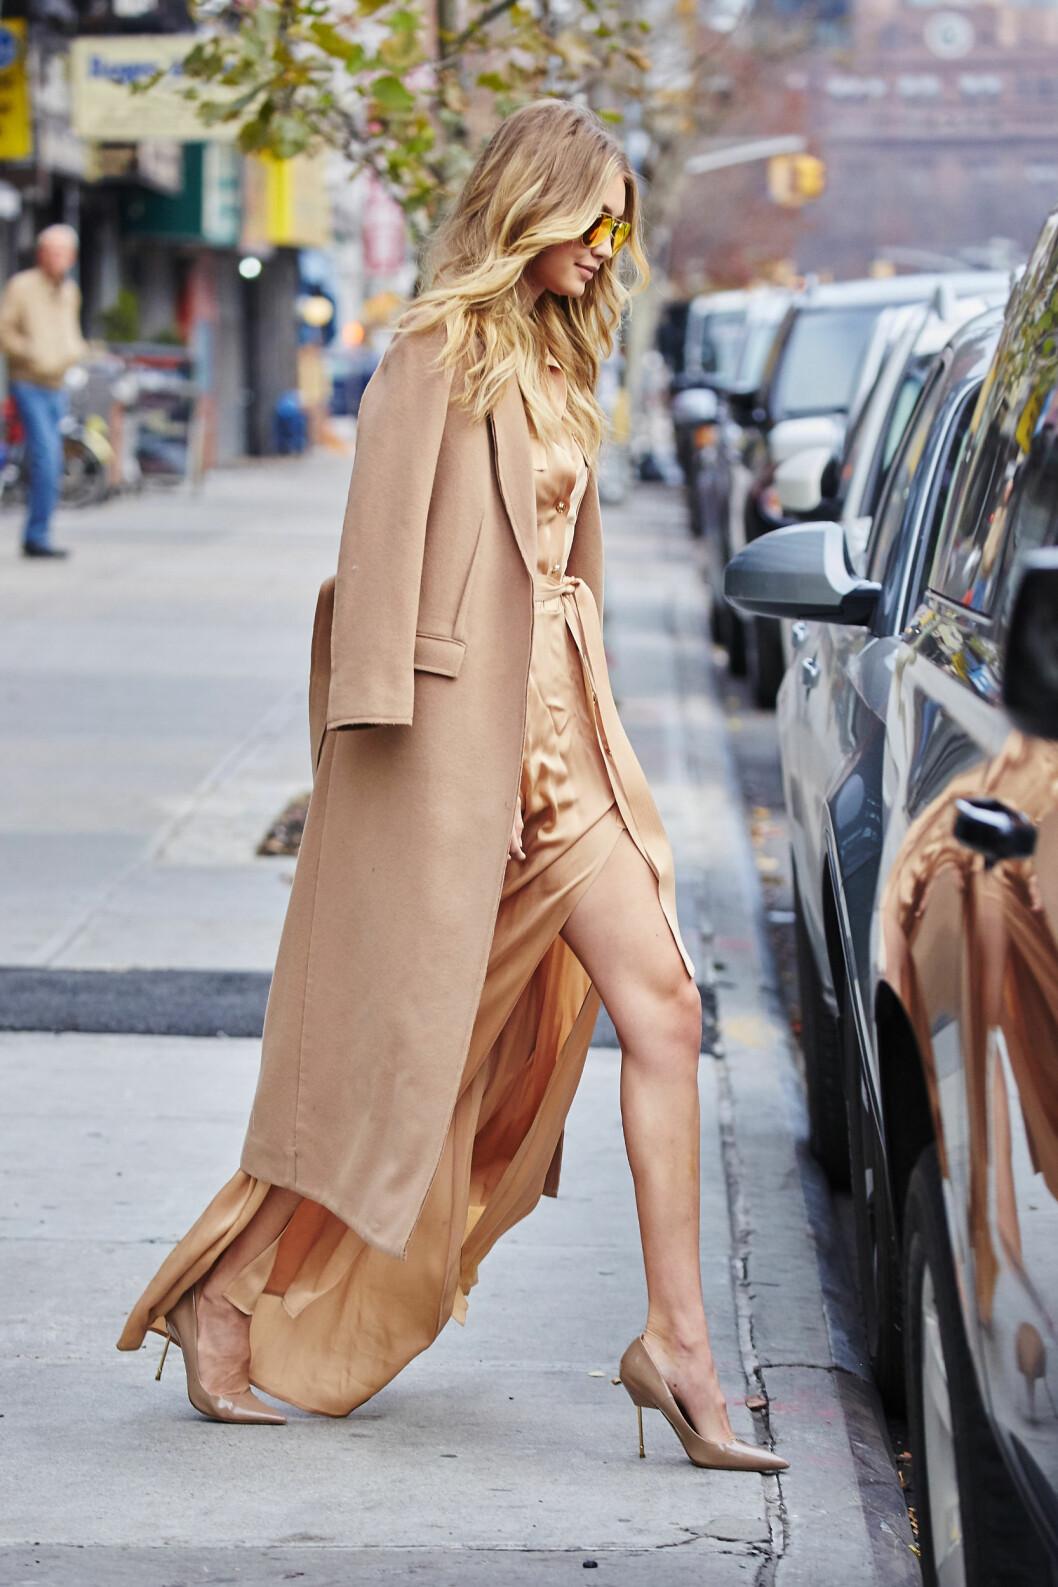 KAMELKÅPE: Gigi Hadid er blant de hotteste modellene i bransjen om dagen. Hun ser alltid fantastisk ut på catwalken, men også gatelangs i New York! Foto: Splash News